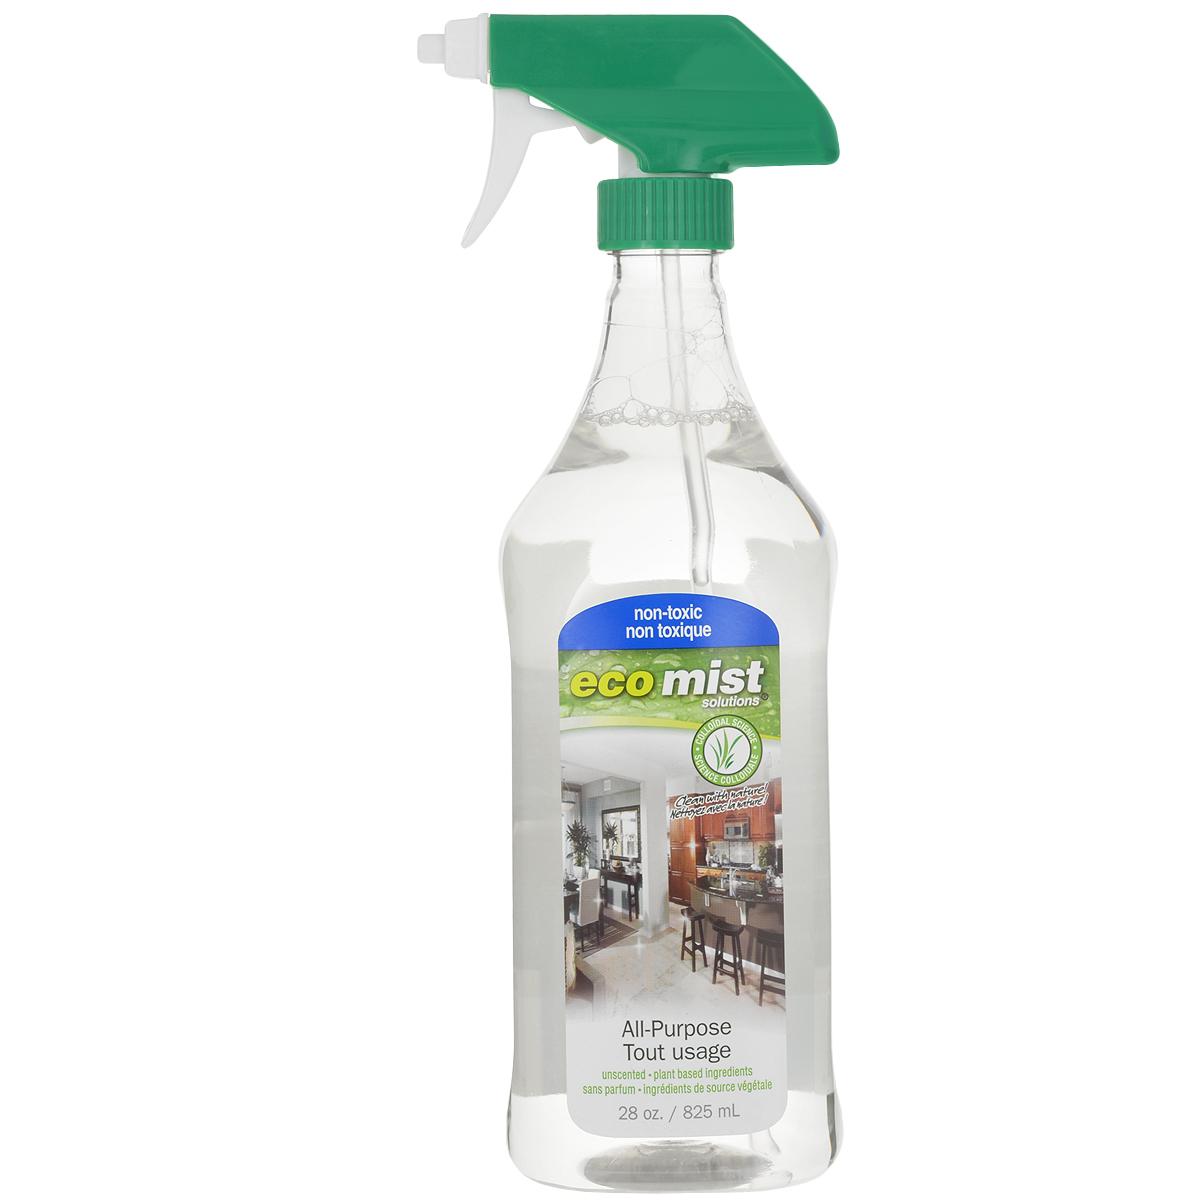 Средство универсальное для очистки любых поверхностей Eco Mist, 825 млEM825XXAPTR06EFLИдеальное, высоконконцентрированное универсальное средство Eco Mist для придания чистоты любым поверхностям в доме, в том числе детских игрушек, полови предметов в детской комнате. Также подходит для мытья предметов при уходе за пациентами. Это чистящее средство можно разбавить для приготовления рабочего раствора в пропорции 1:7, то есть 100 мл средства на 700 мл воды. Идеальная чистота - гарантированное здоровье для вас, ваших детей, близких и домашних животных. Не токсично. Без запаха.Состав: дехлорированная вода, кукуруза, древесный сок, трава, экстракт картофеля, сахарный тростник.